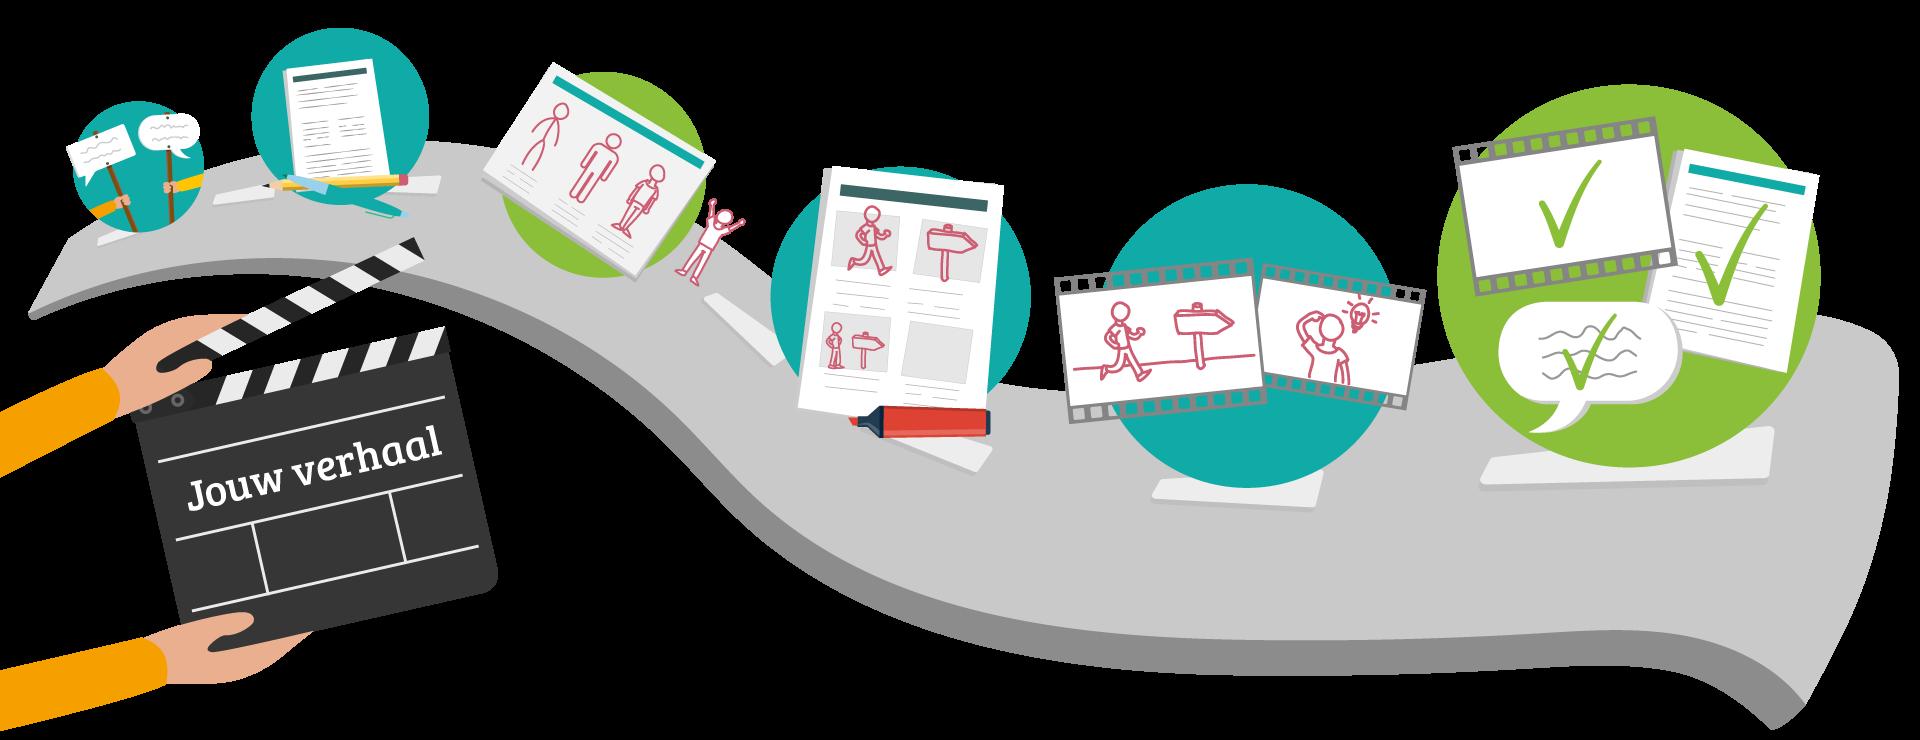 Anymation - jouw verhaal geanimeerd - Roadmap